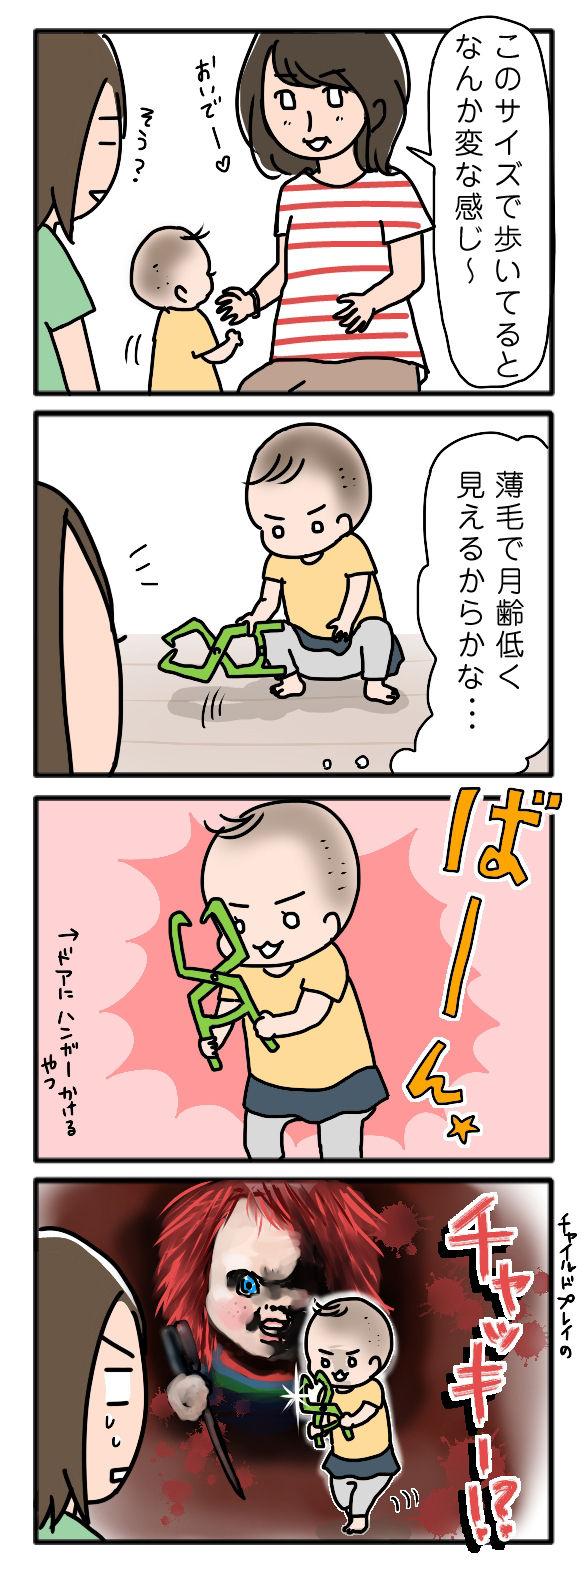 人形サイズ?